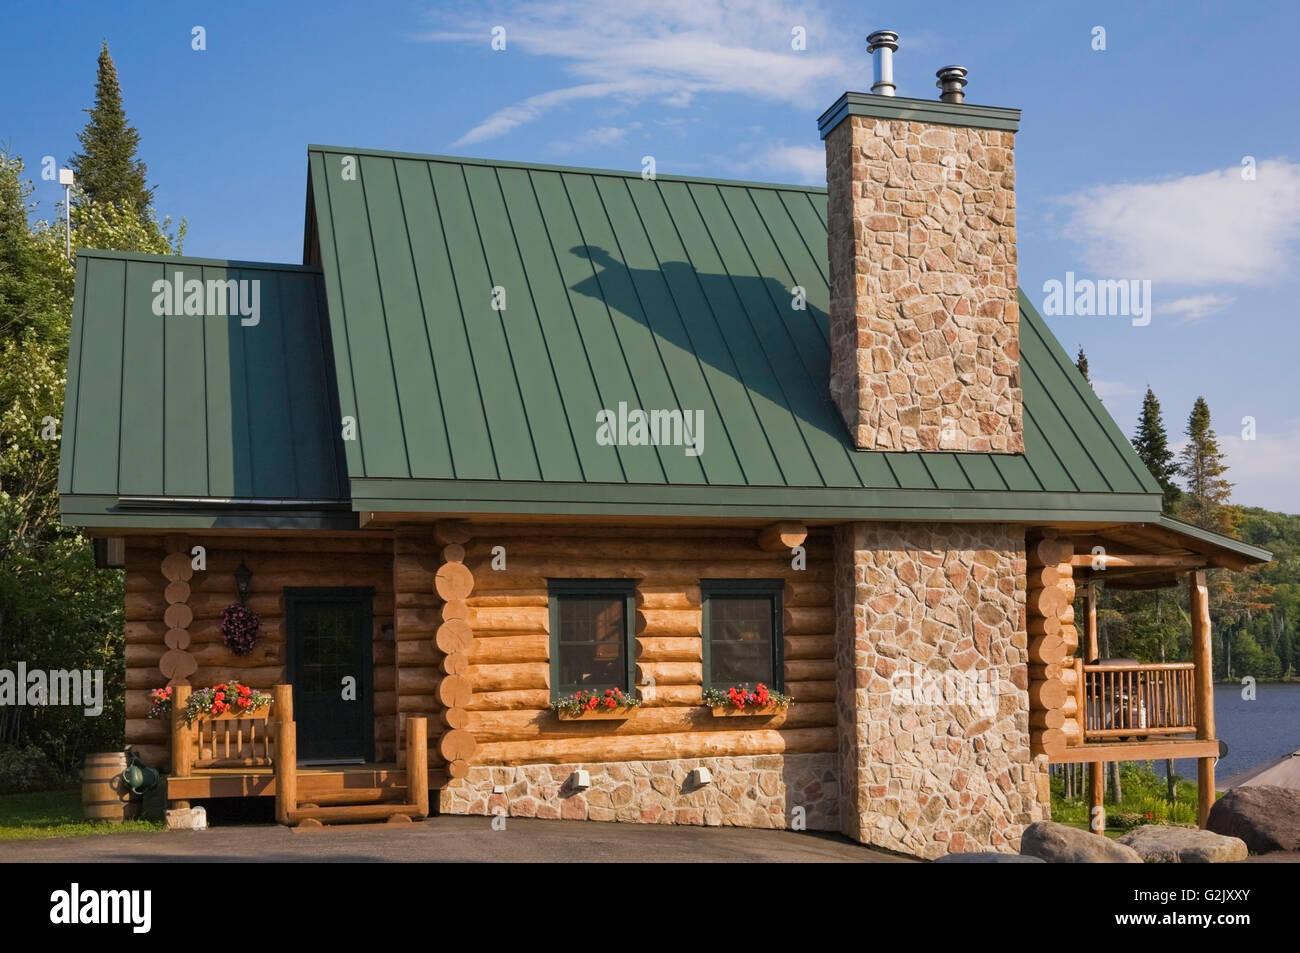 Hochwertig Handgefertigte Fichte Log Home Fassade Feldsteinen Kamin Grüne  Metalldach In Quebec Kanada This Image Eigenschaft